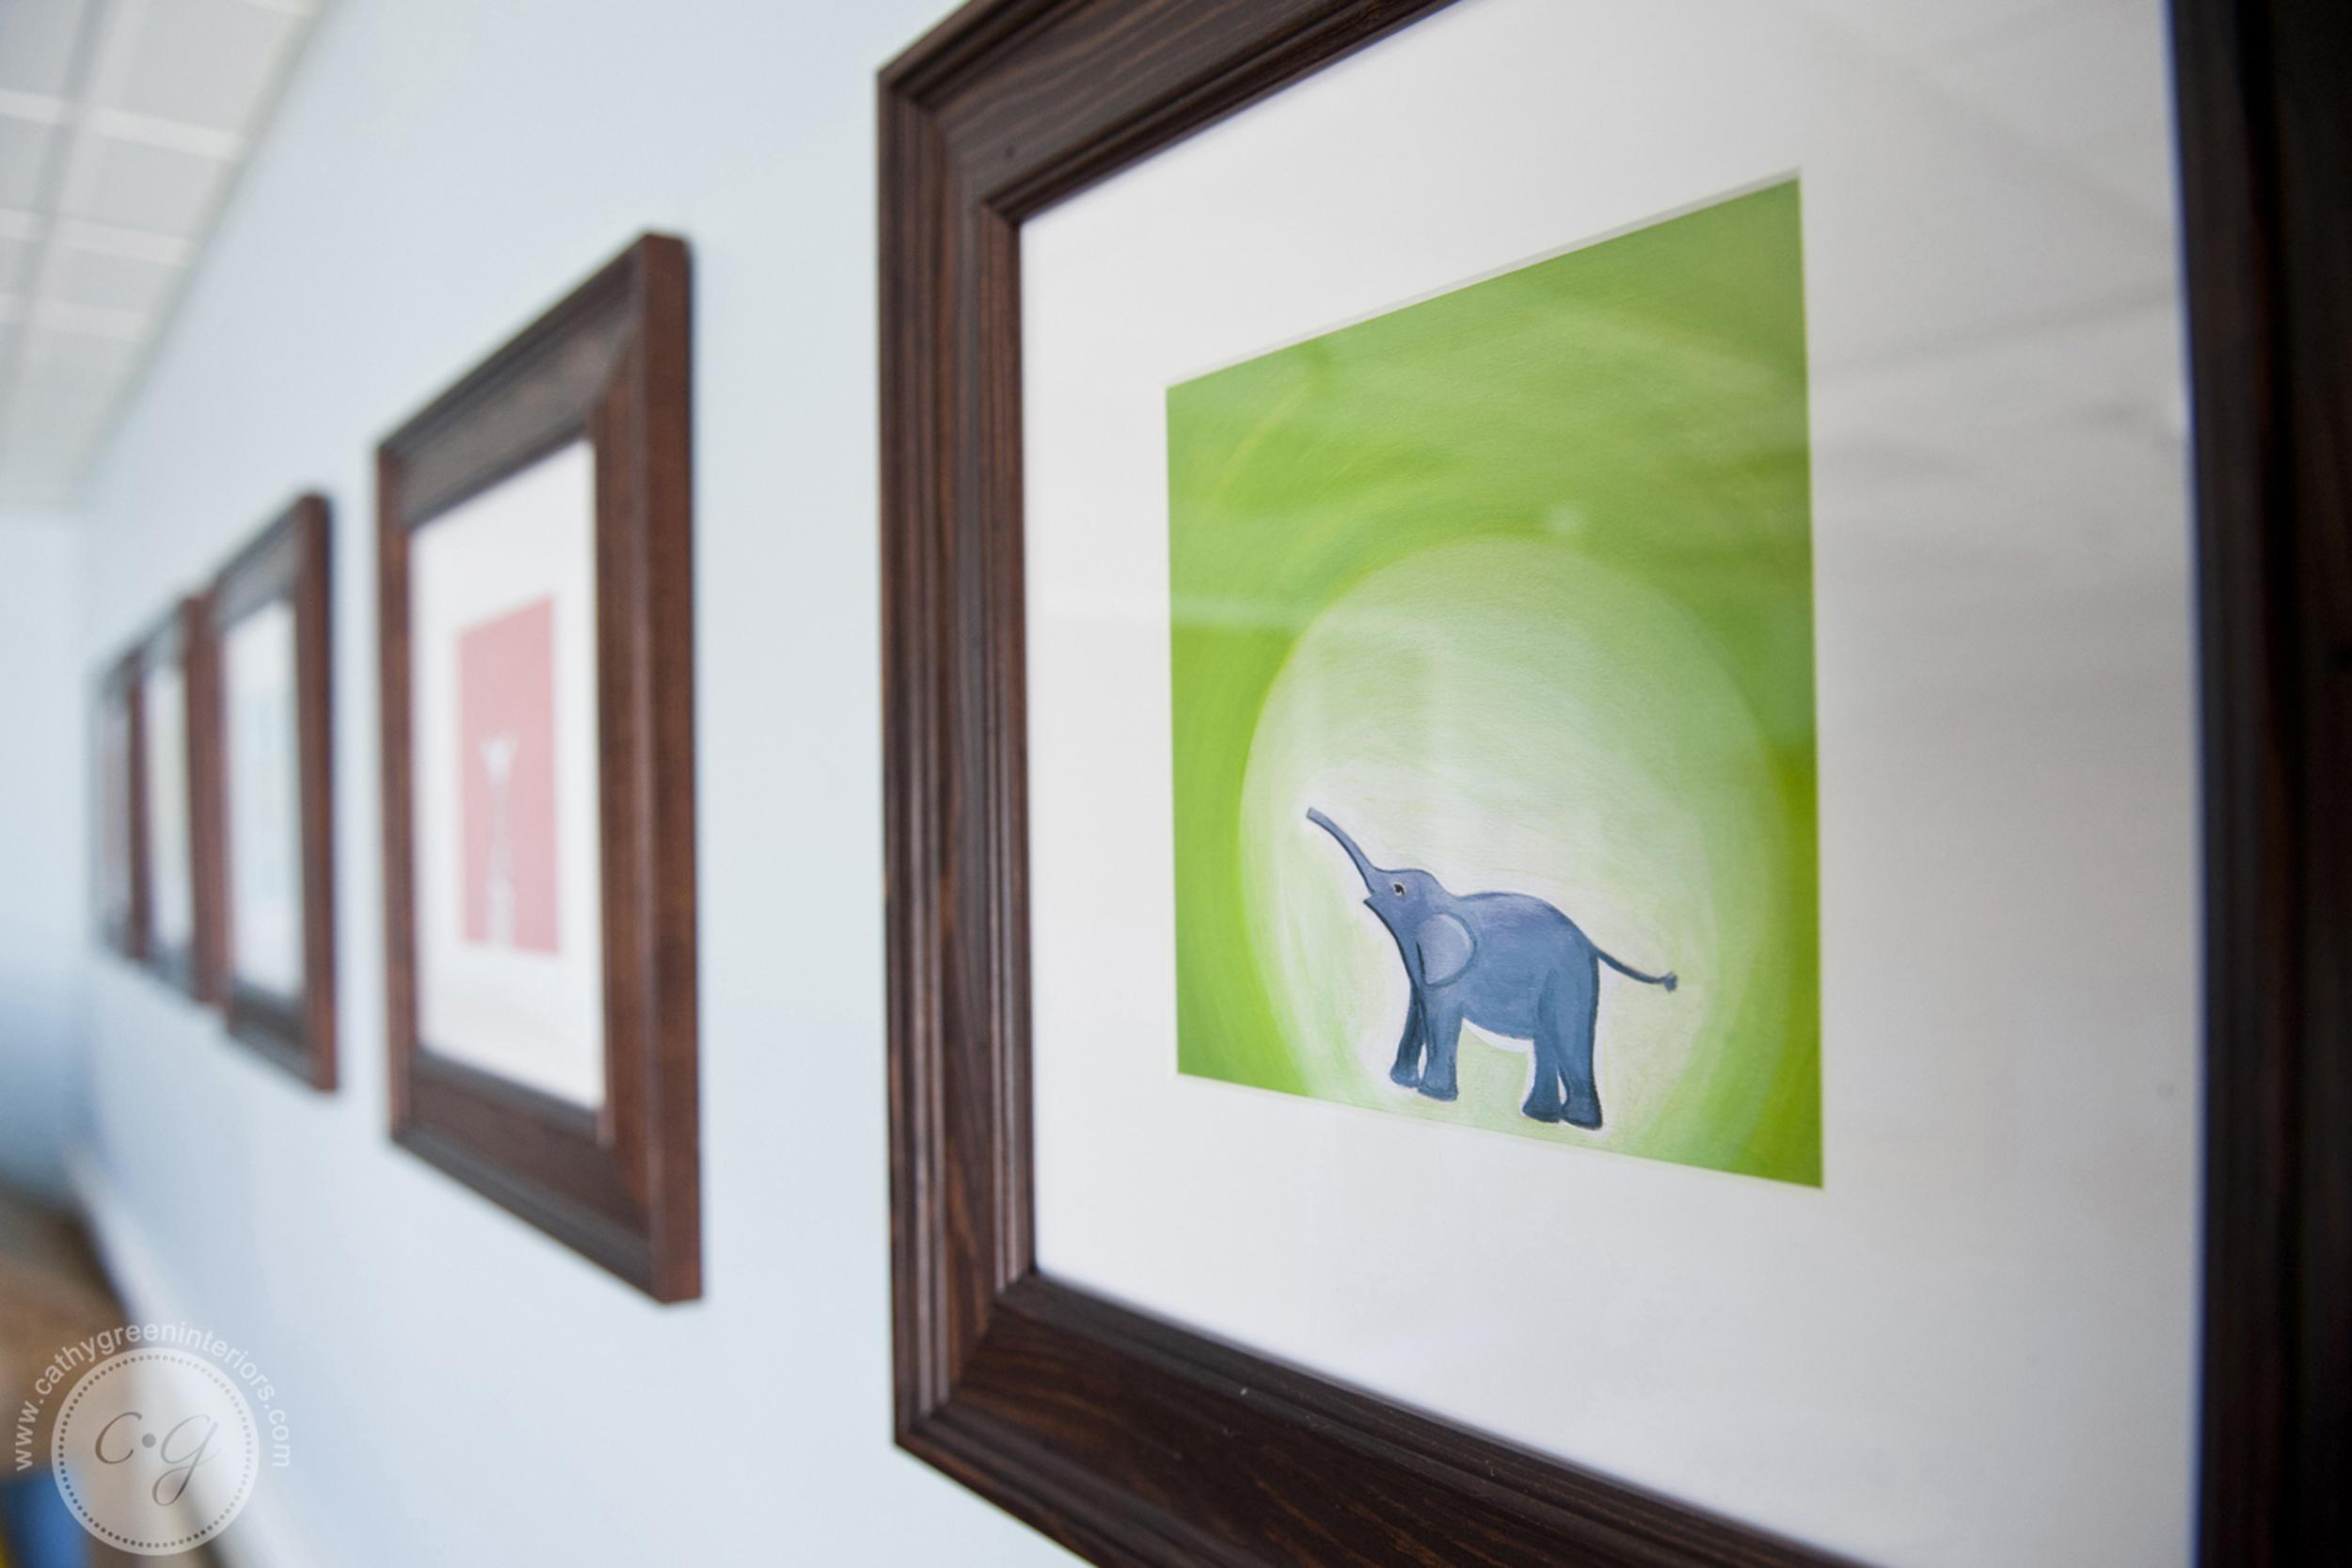 elephant art - Richmond, VA